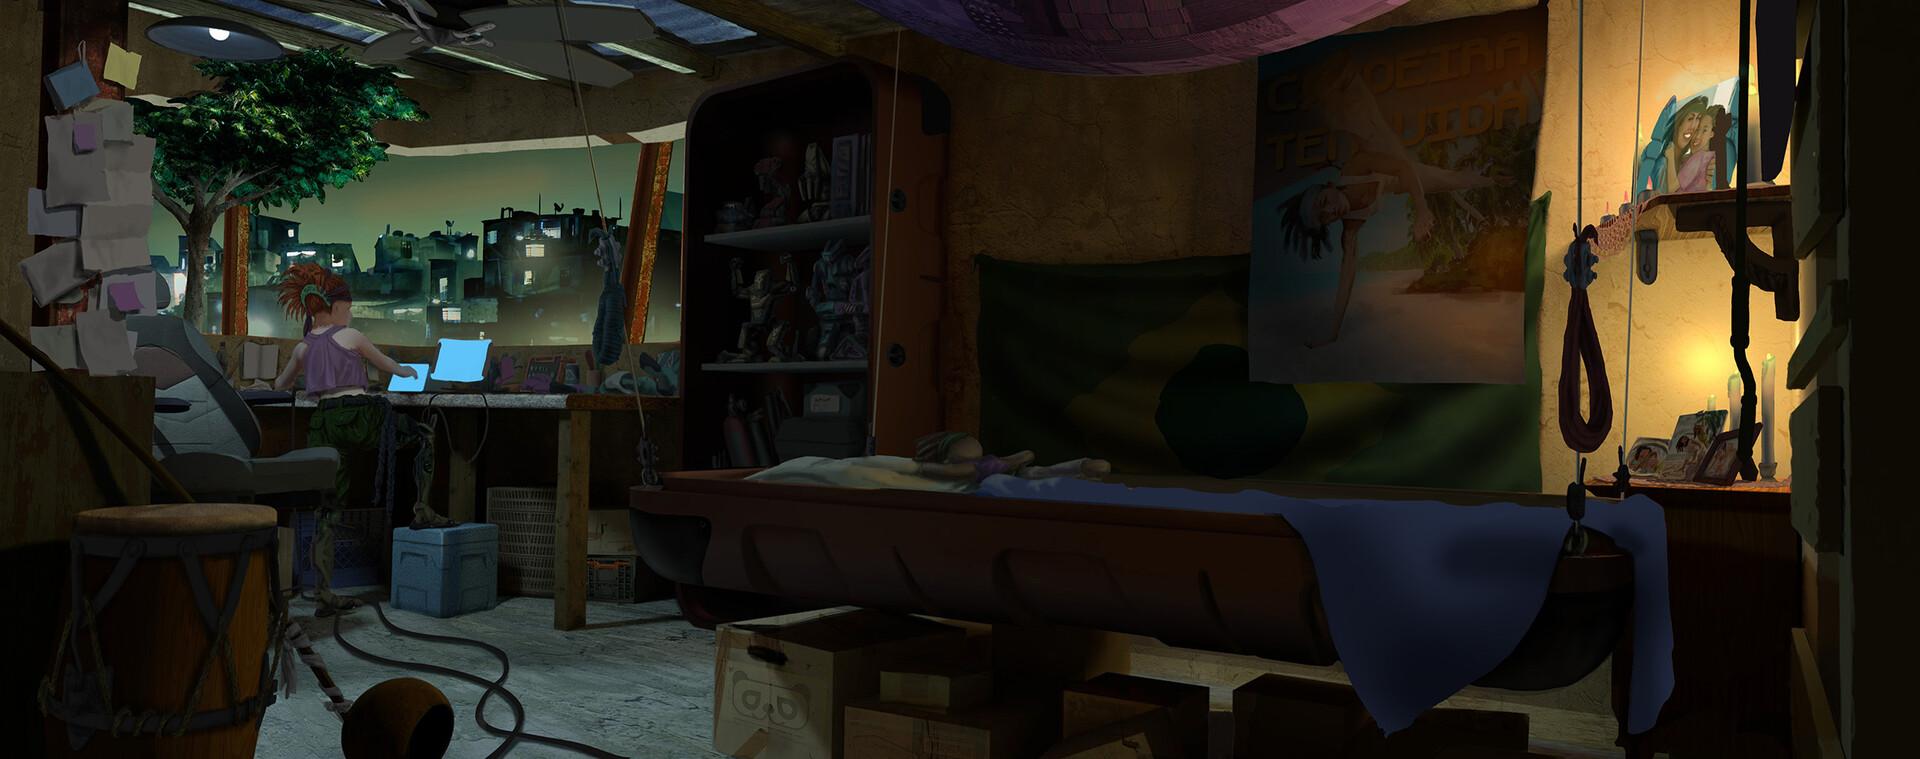 Francis goeltner m4 herokidshome bedroominterior night wip04 m